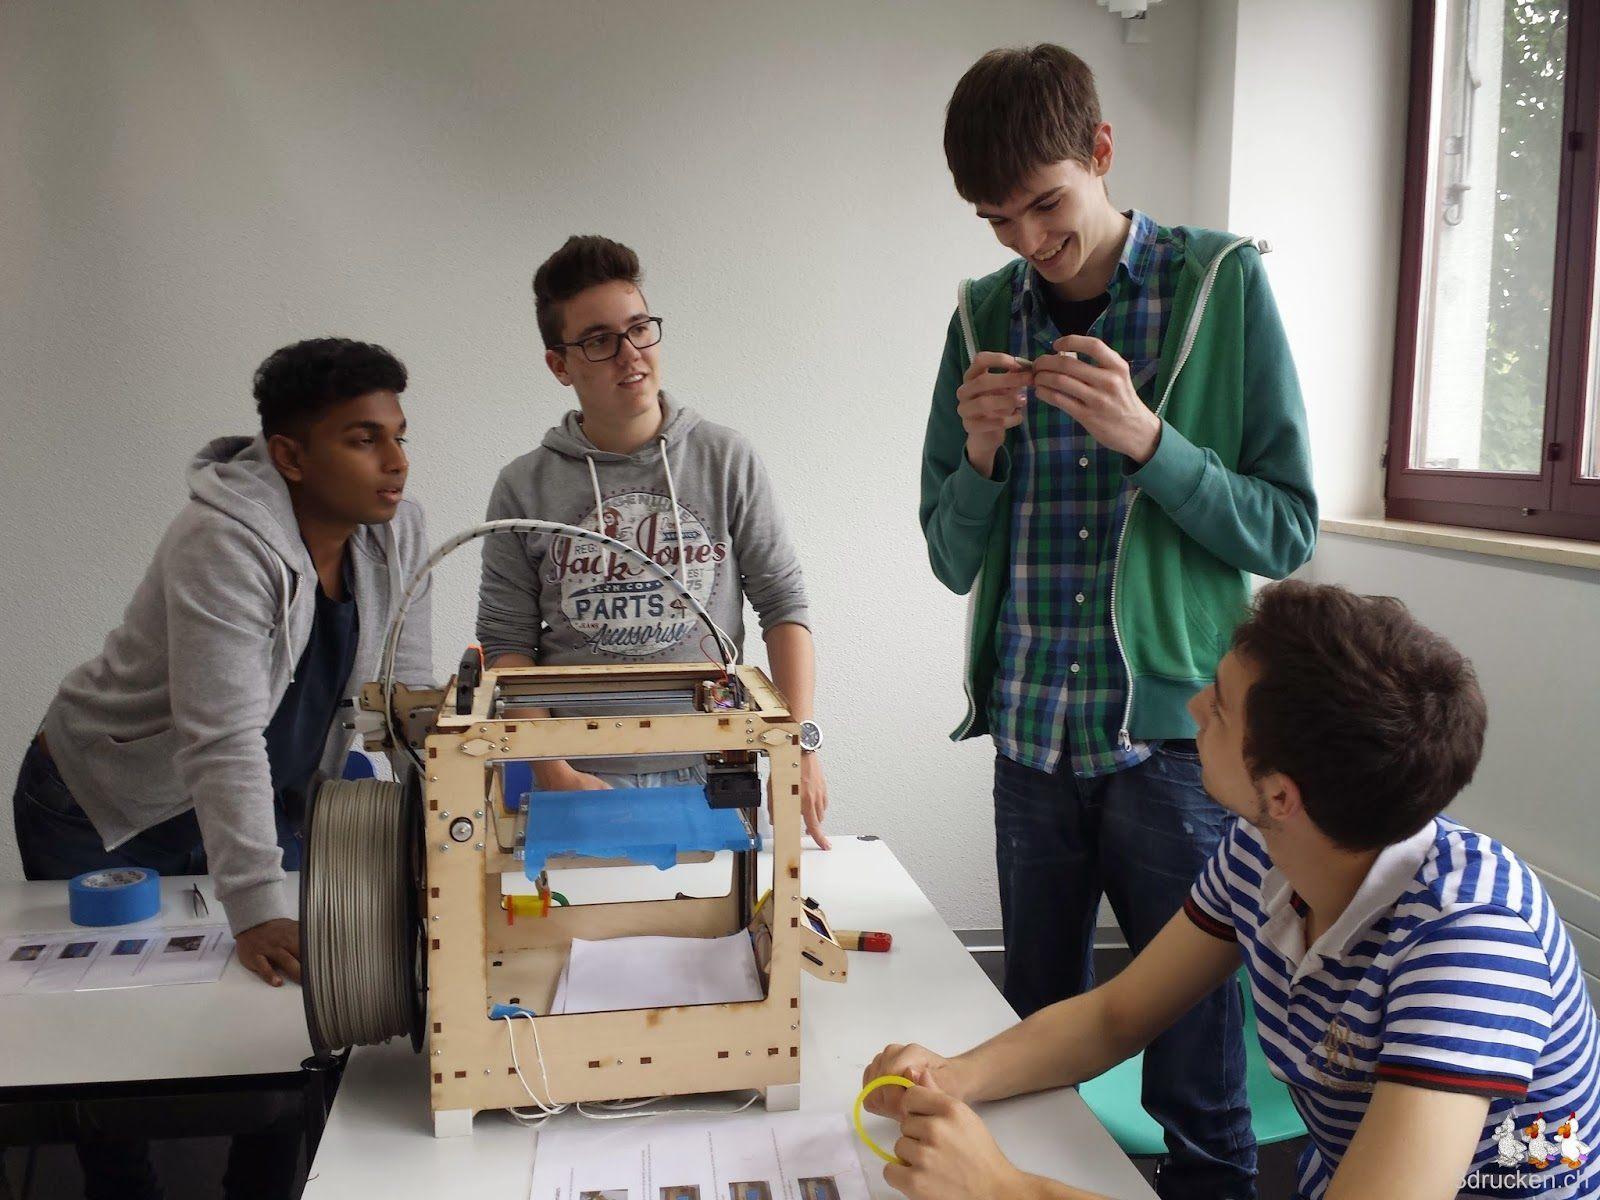 Foto einer Gruppe von Lernenden mit ihrem ersten selber entworfenen und erfolgreich mit dem Ultimaker Original gedruckten Objekt